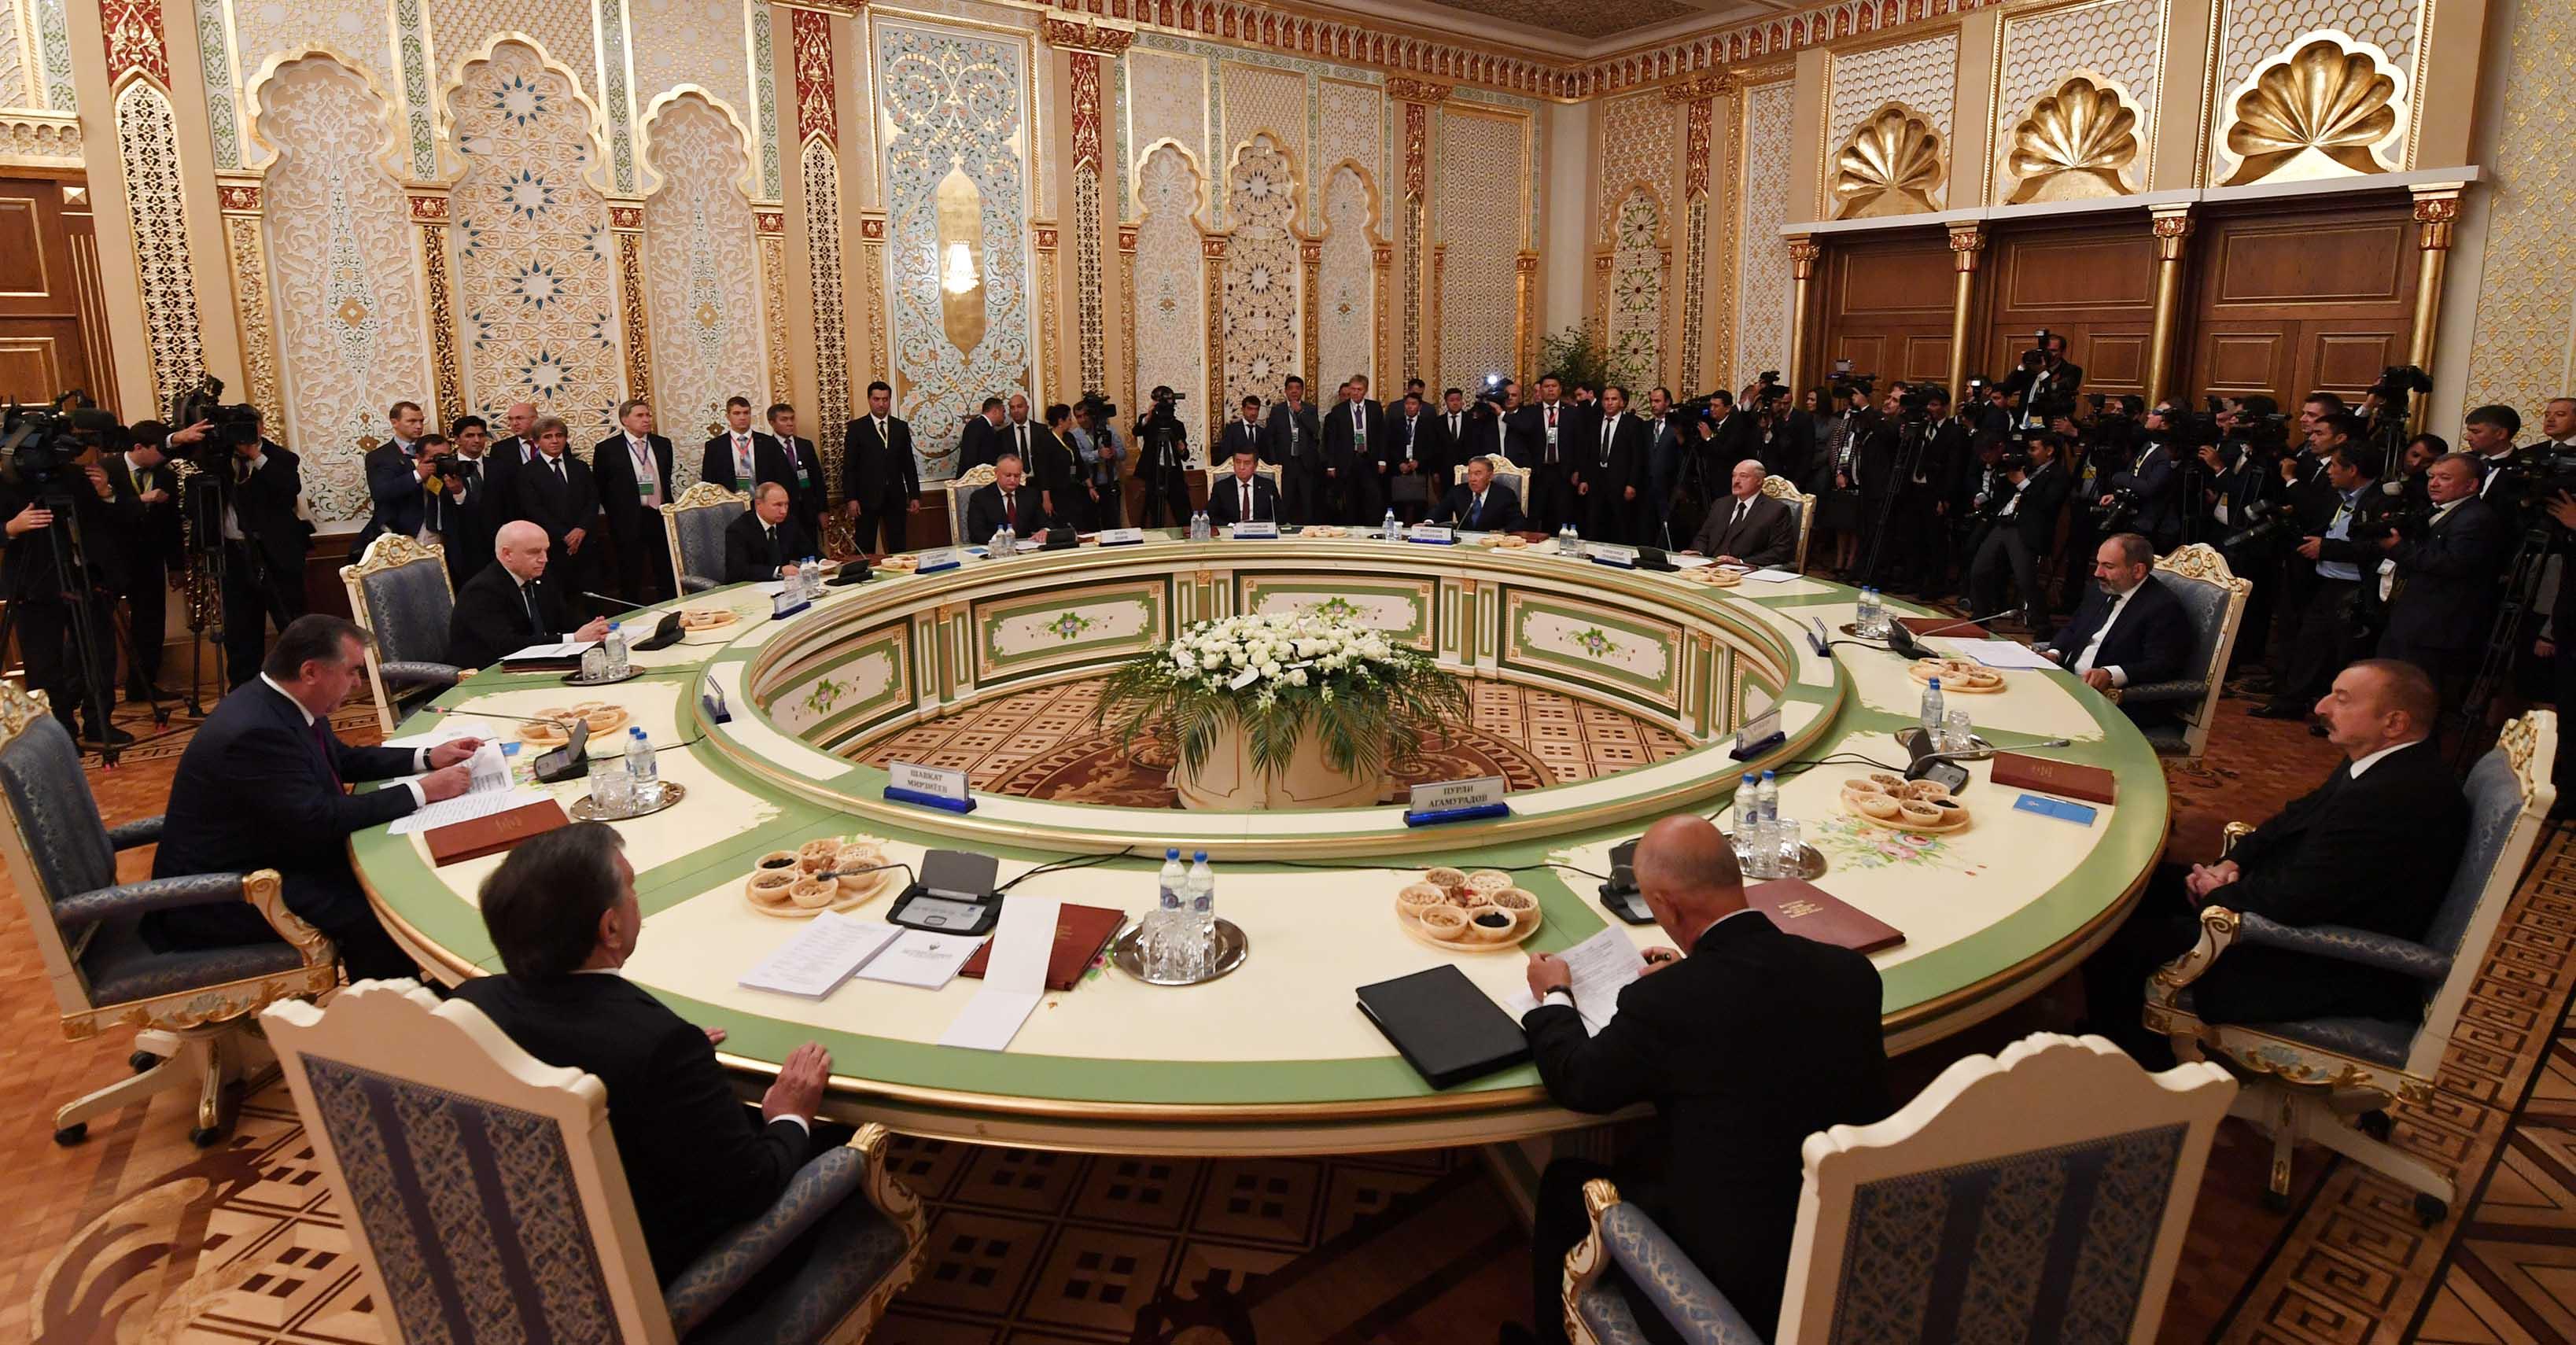 Нұрсұлтан Назарбаев ТМД-ға мүше елдердің бәрін «Астана» қаржы орталығының жұмысына белсенді атсалысуға шақырды